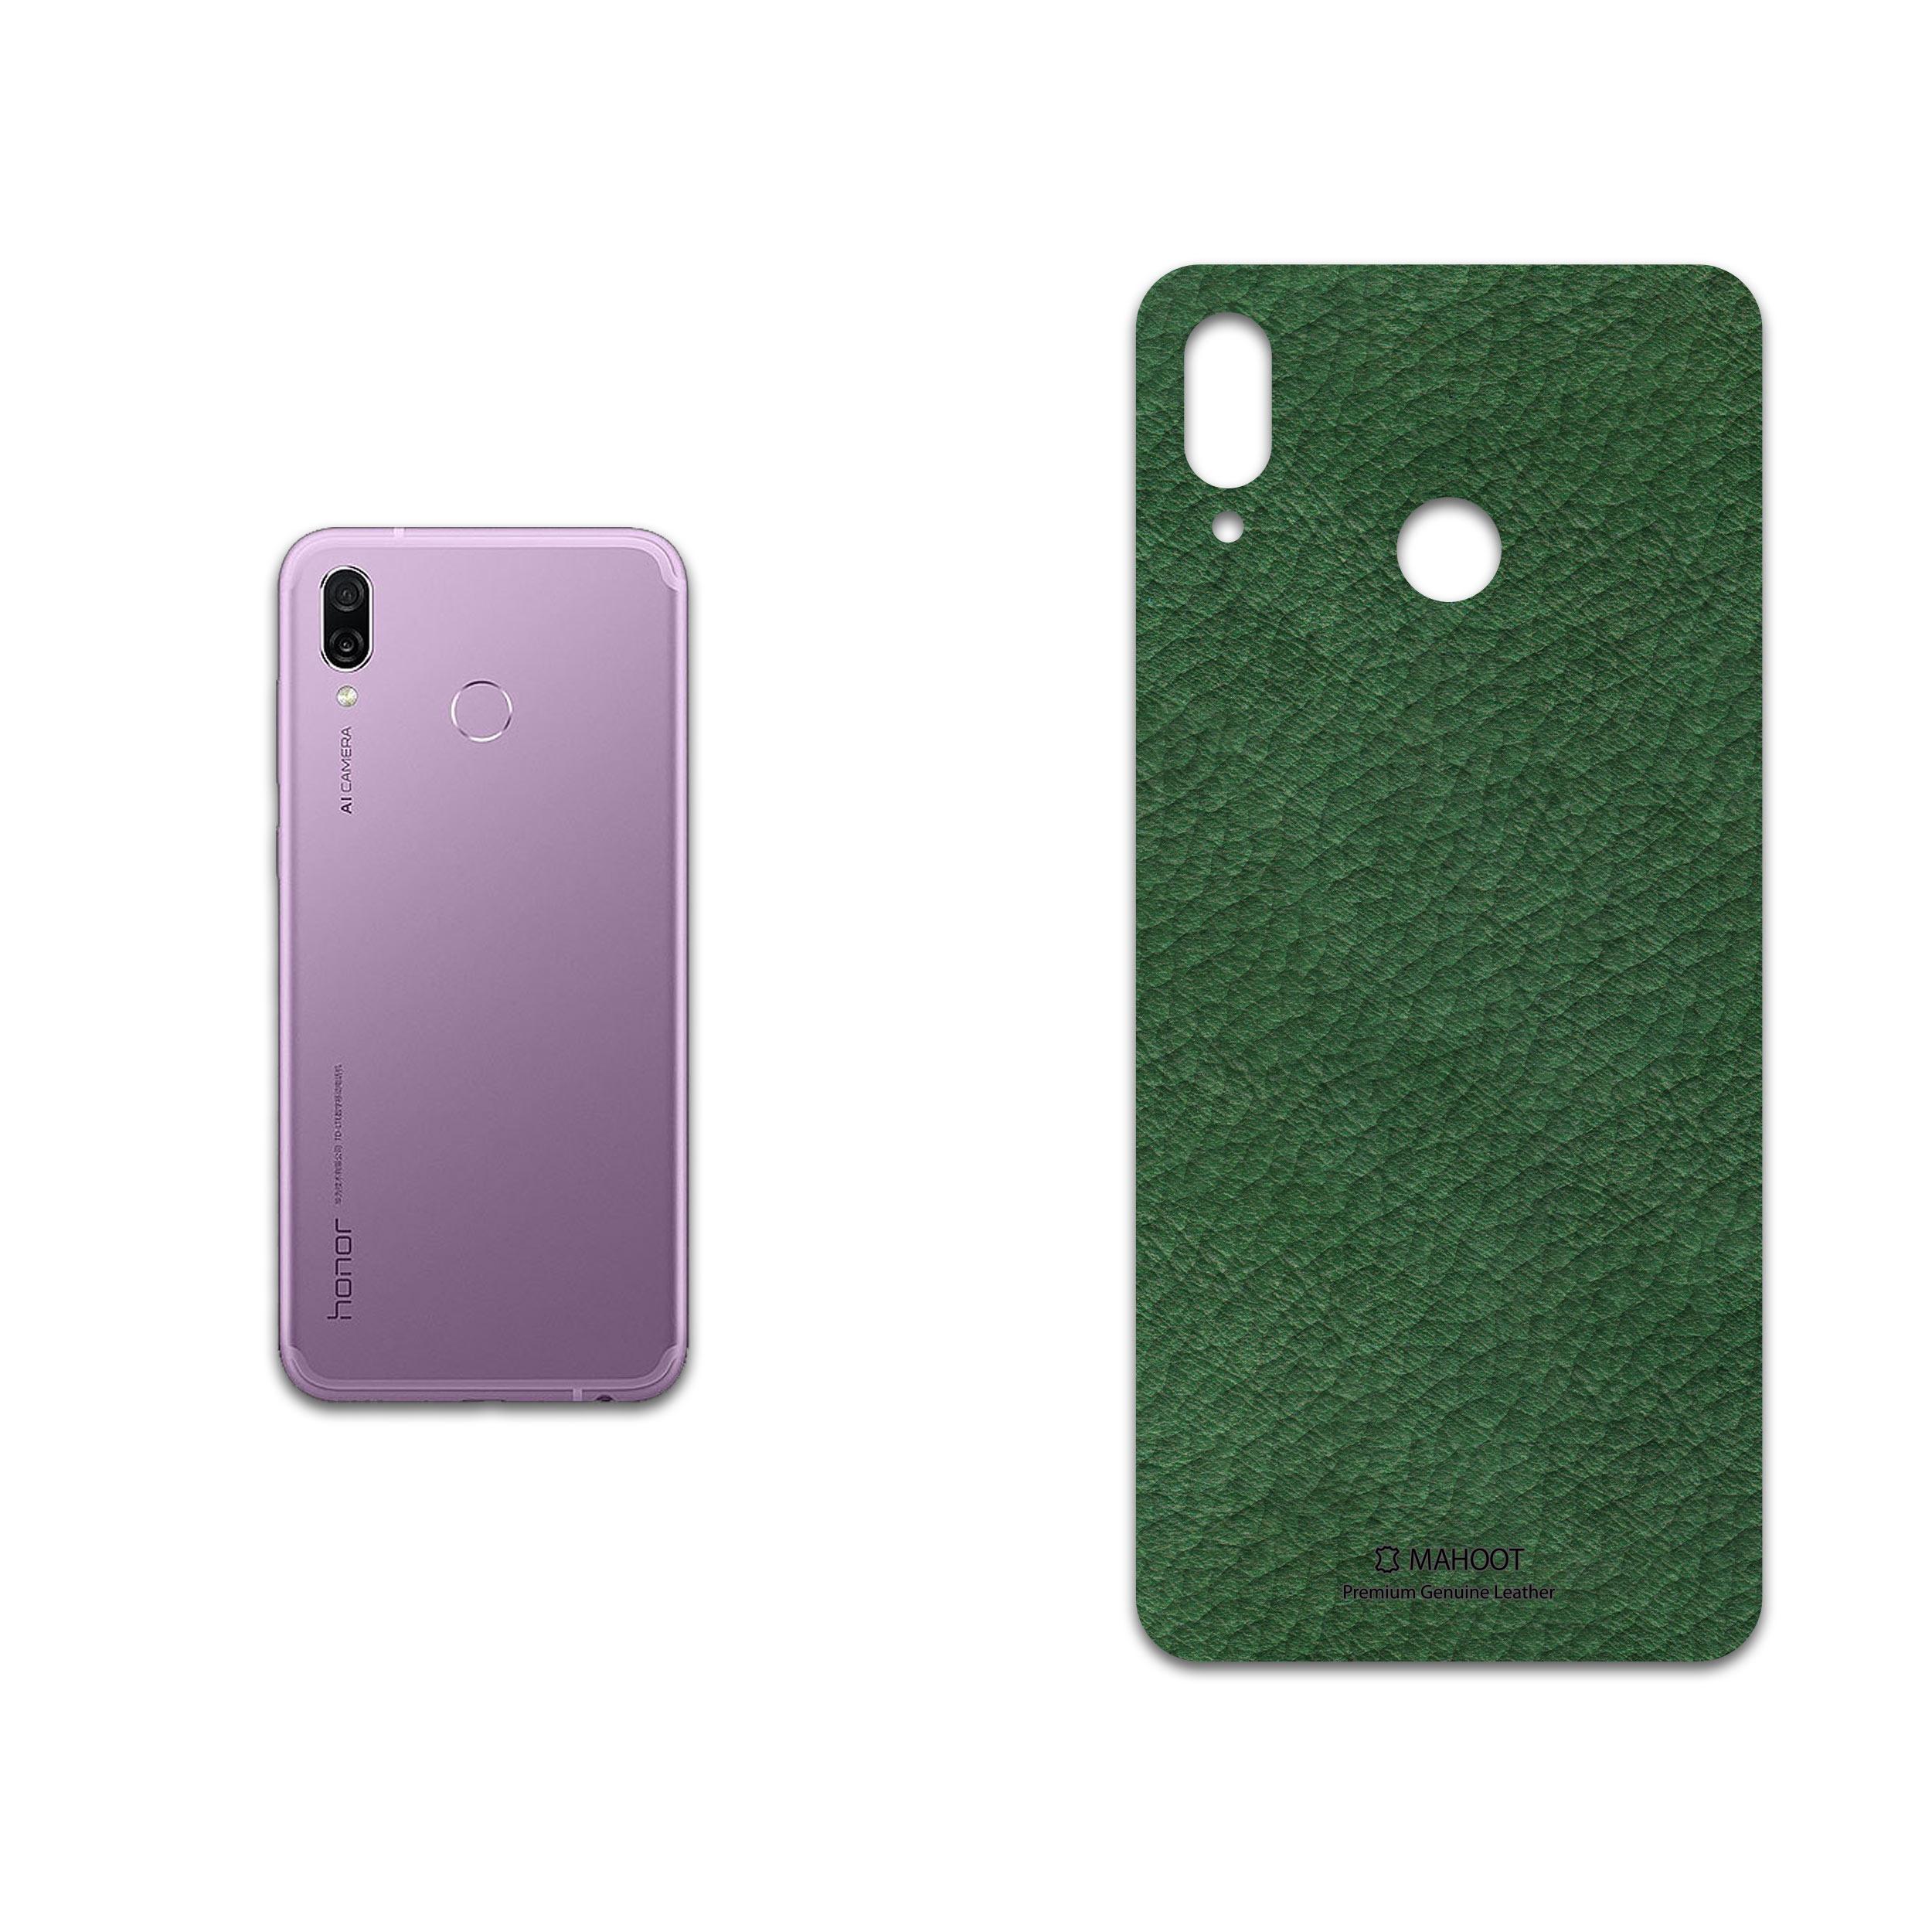 برچسب پوششی ماهوت مدل Green-Leather مناسب برای گوشی موبایل آنر Play